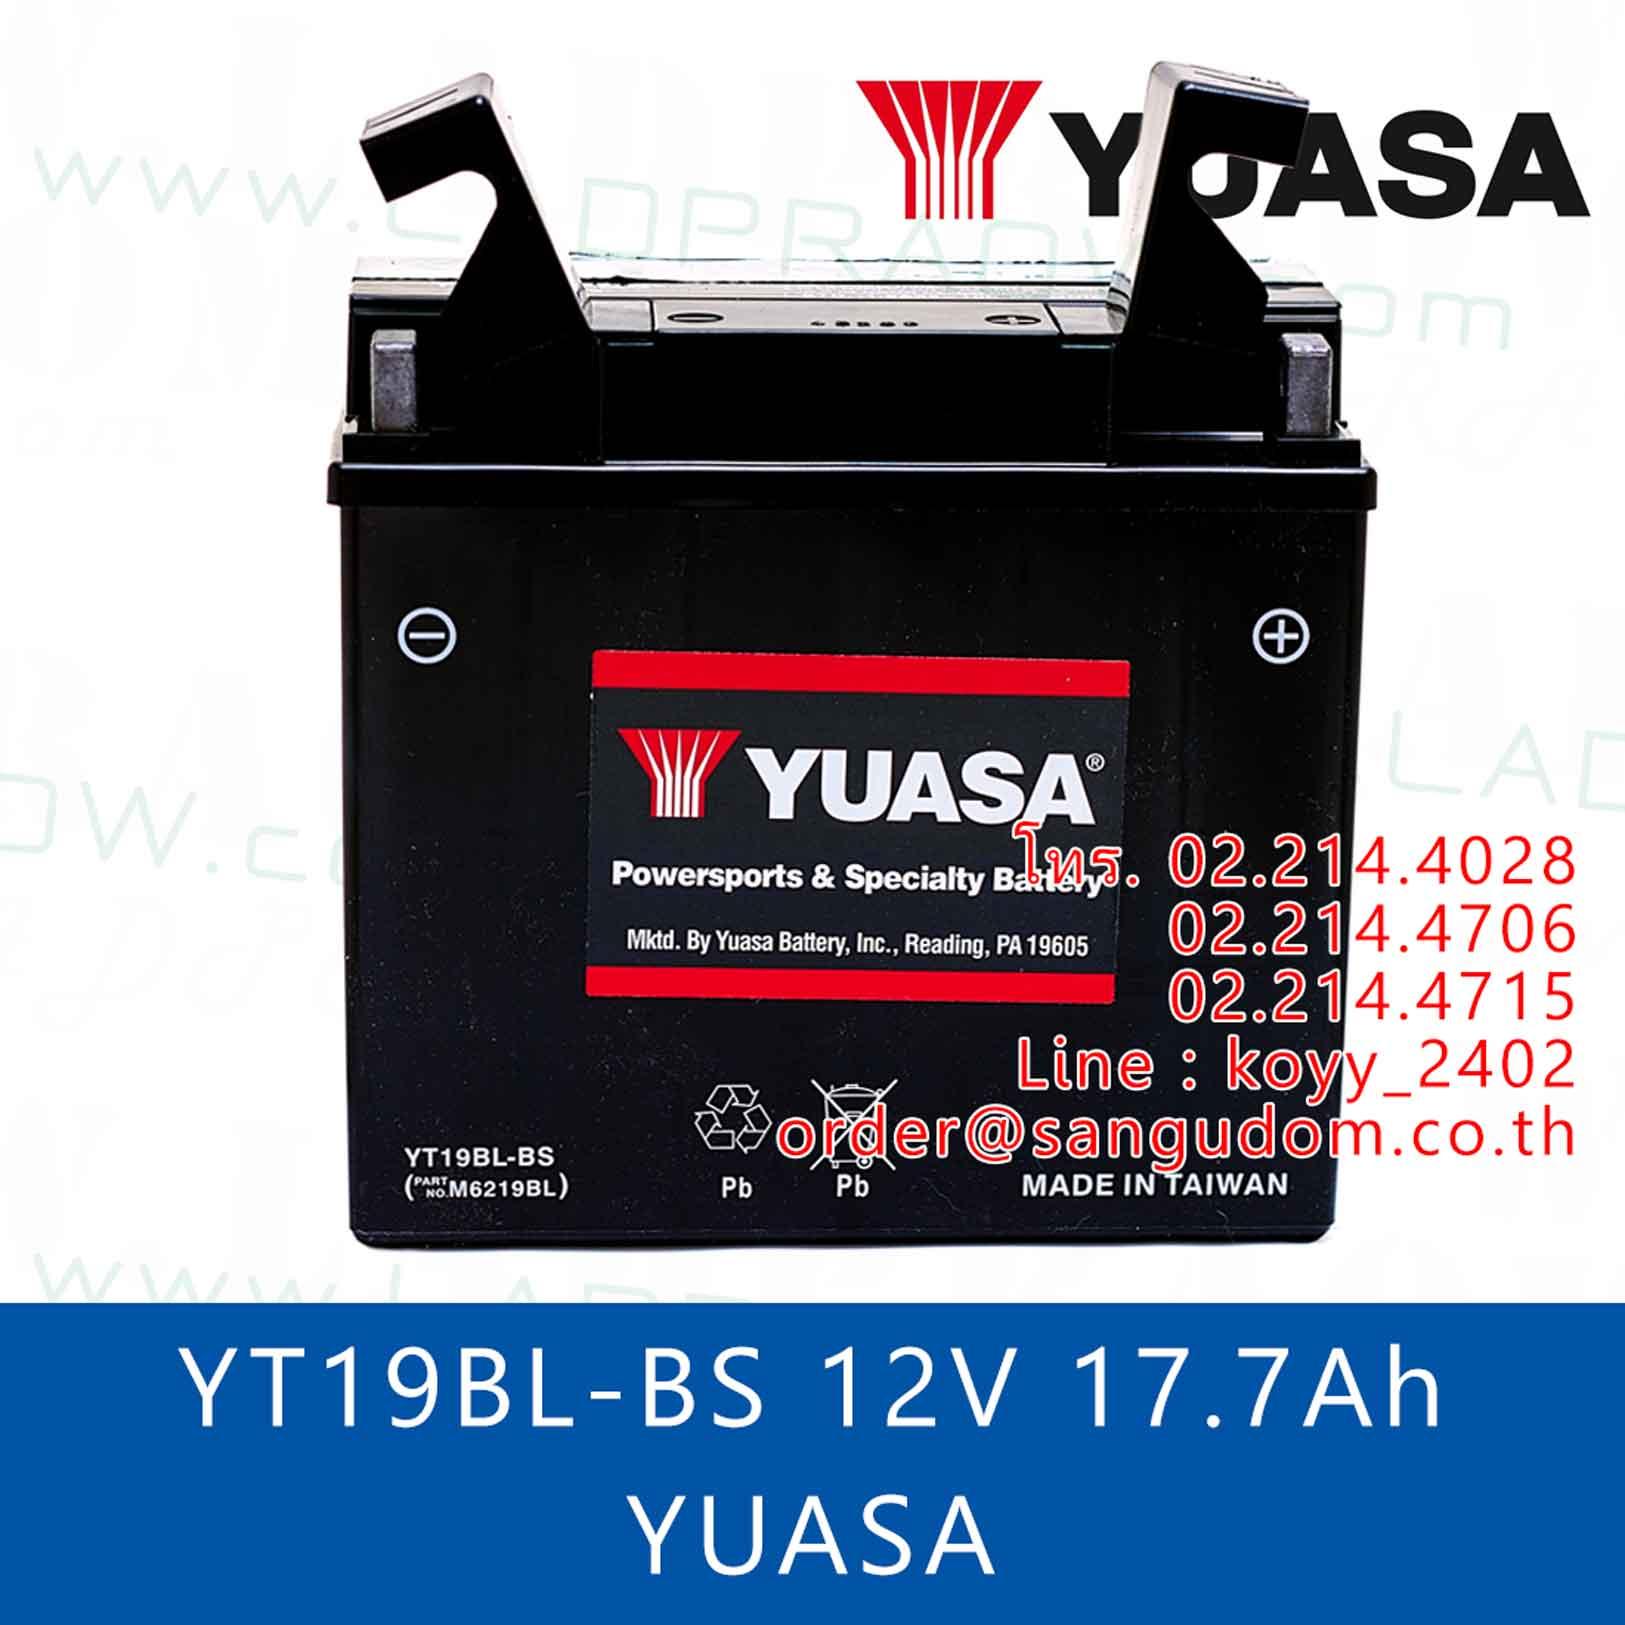 YUASA YT19BL-BS 12V 17.7Ah 170 CCA แบตเตอรี่มอเตอร์ไซต์ motorcycle battery